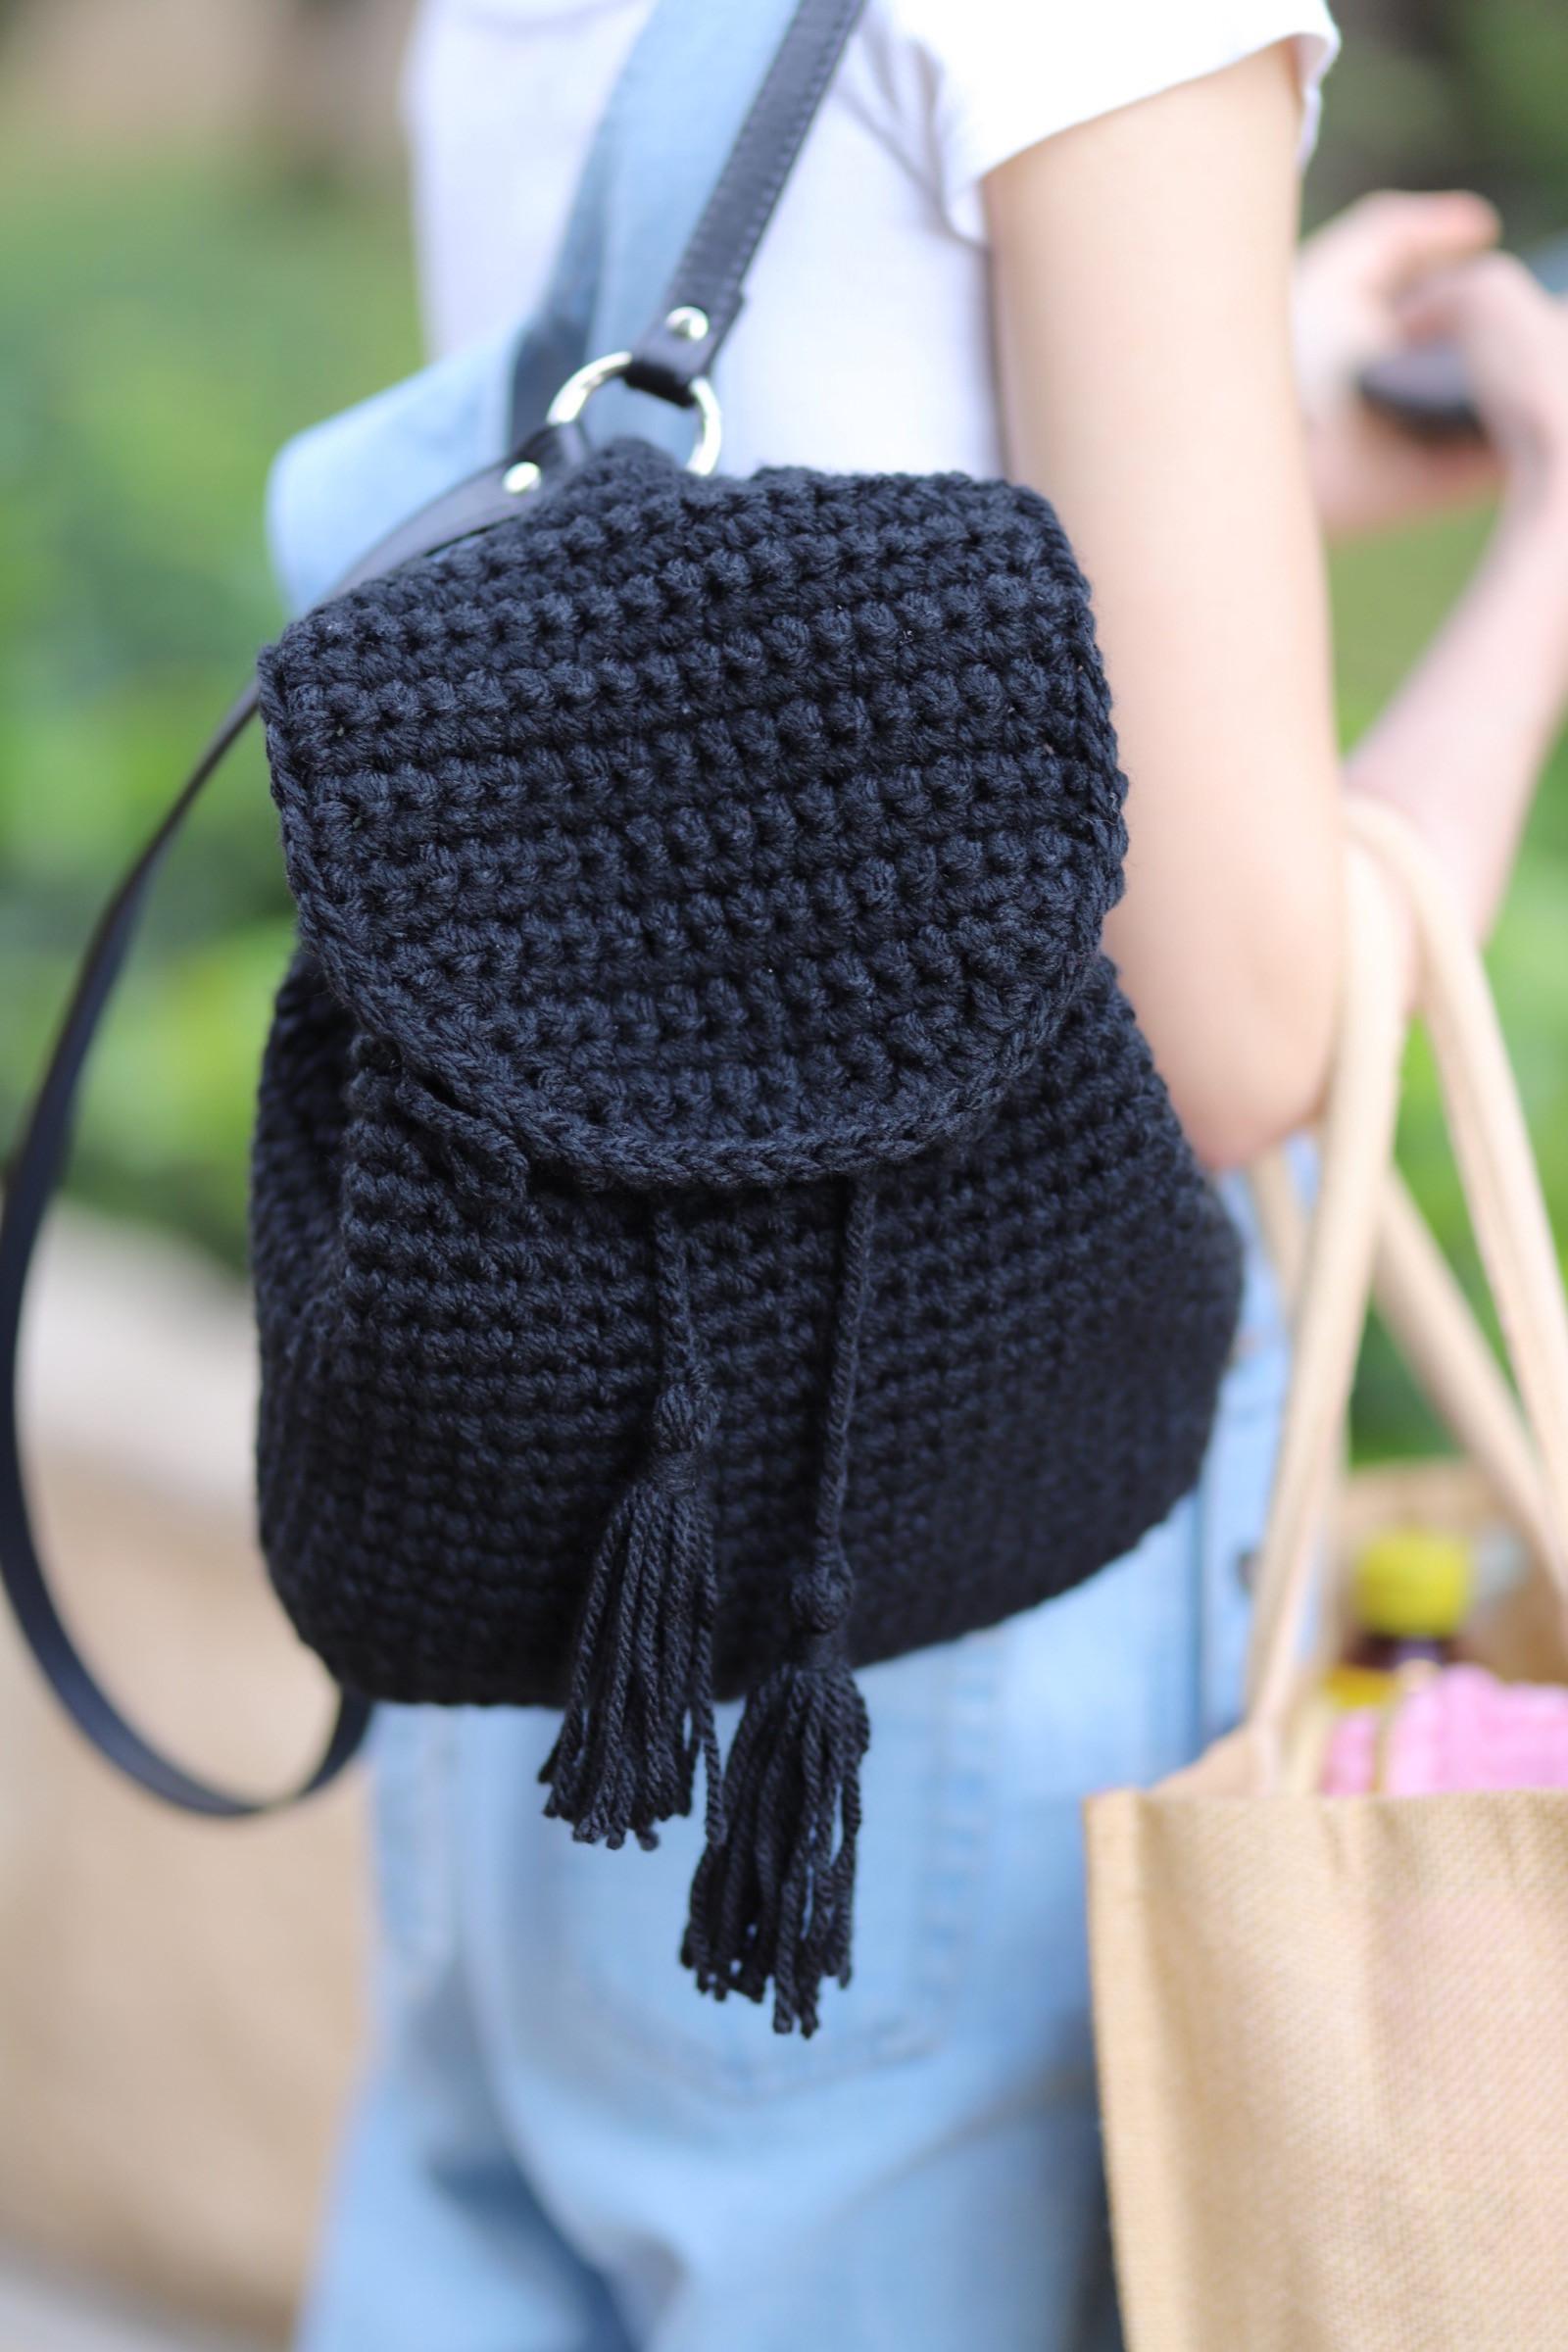 Beginner-Crochet backpack workshop